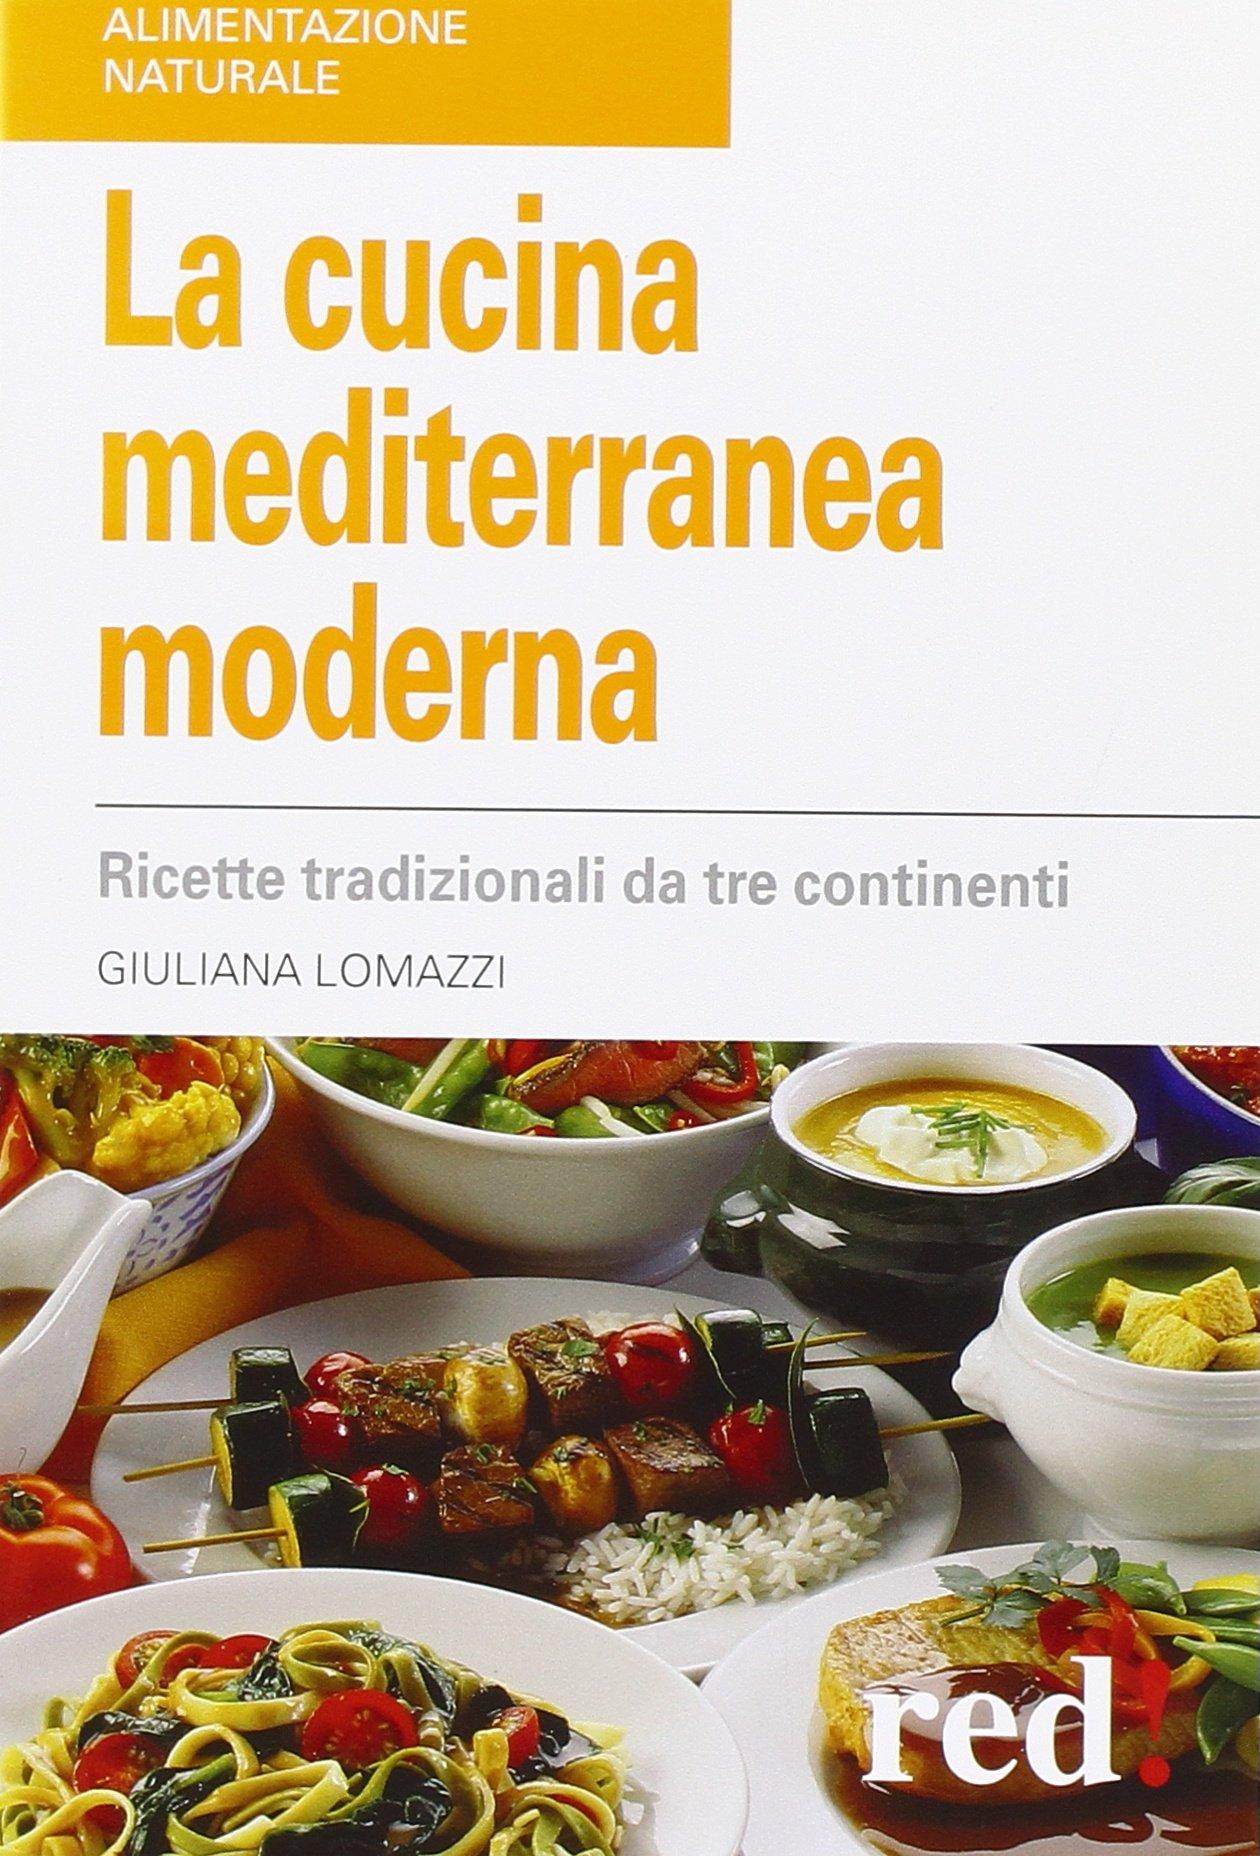 la cucina mediterranea moderna ricette tradizionali da tre continenti giuliana lomazzi 9788857302508 amazoncom books